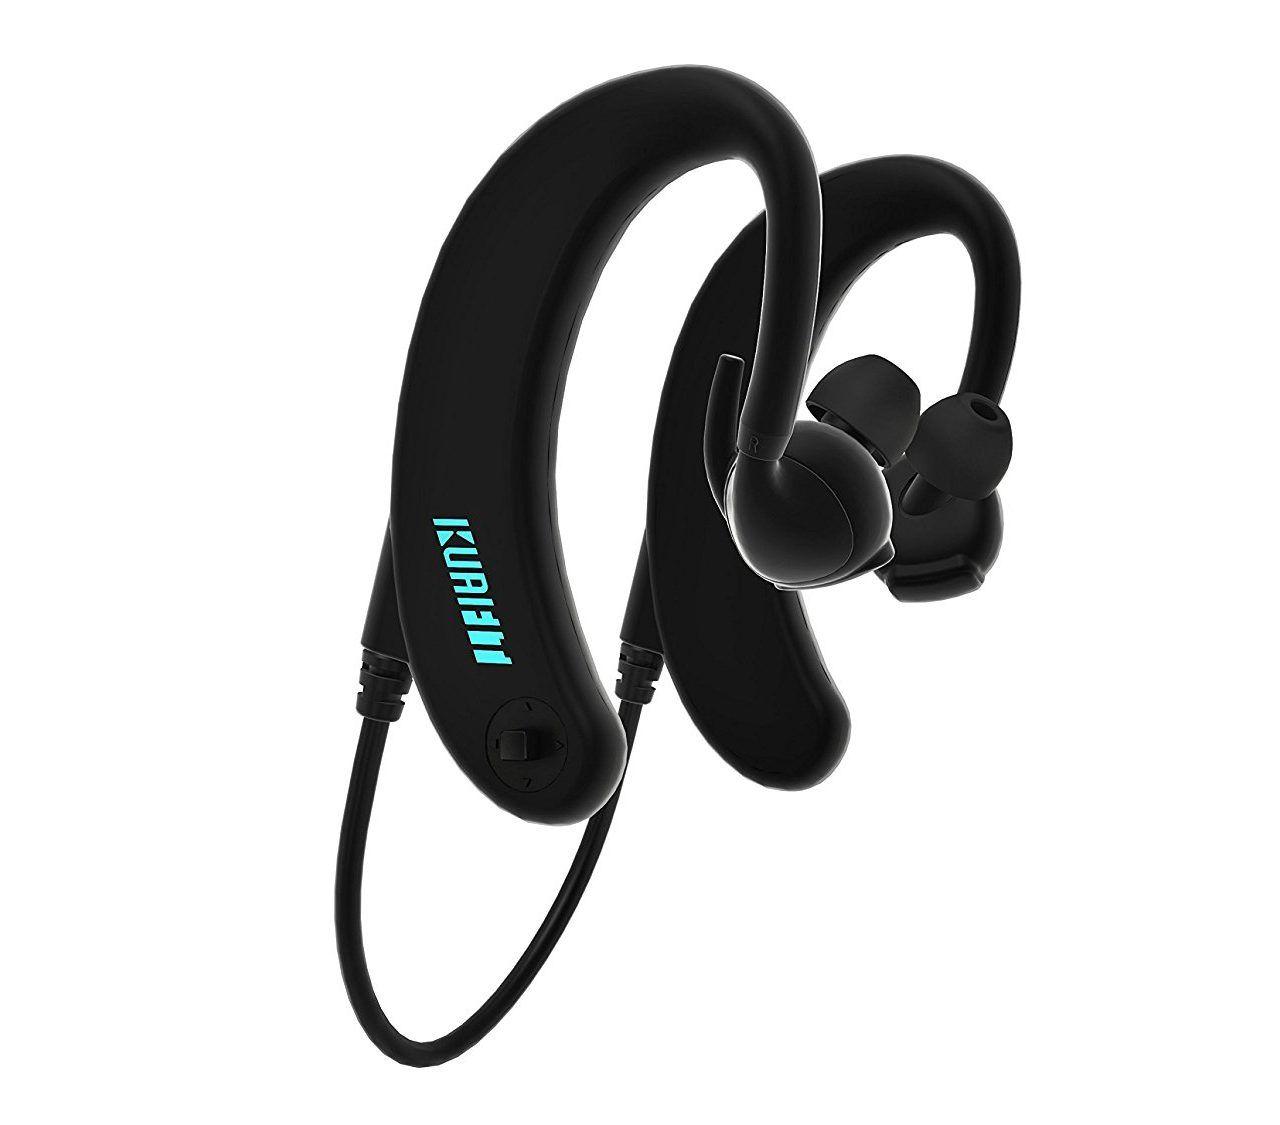 Nechstar Start Living Smart Sports headphones